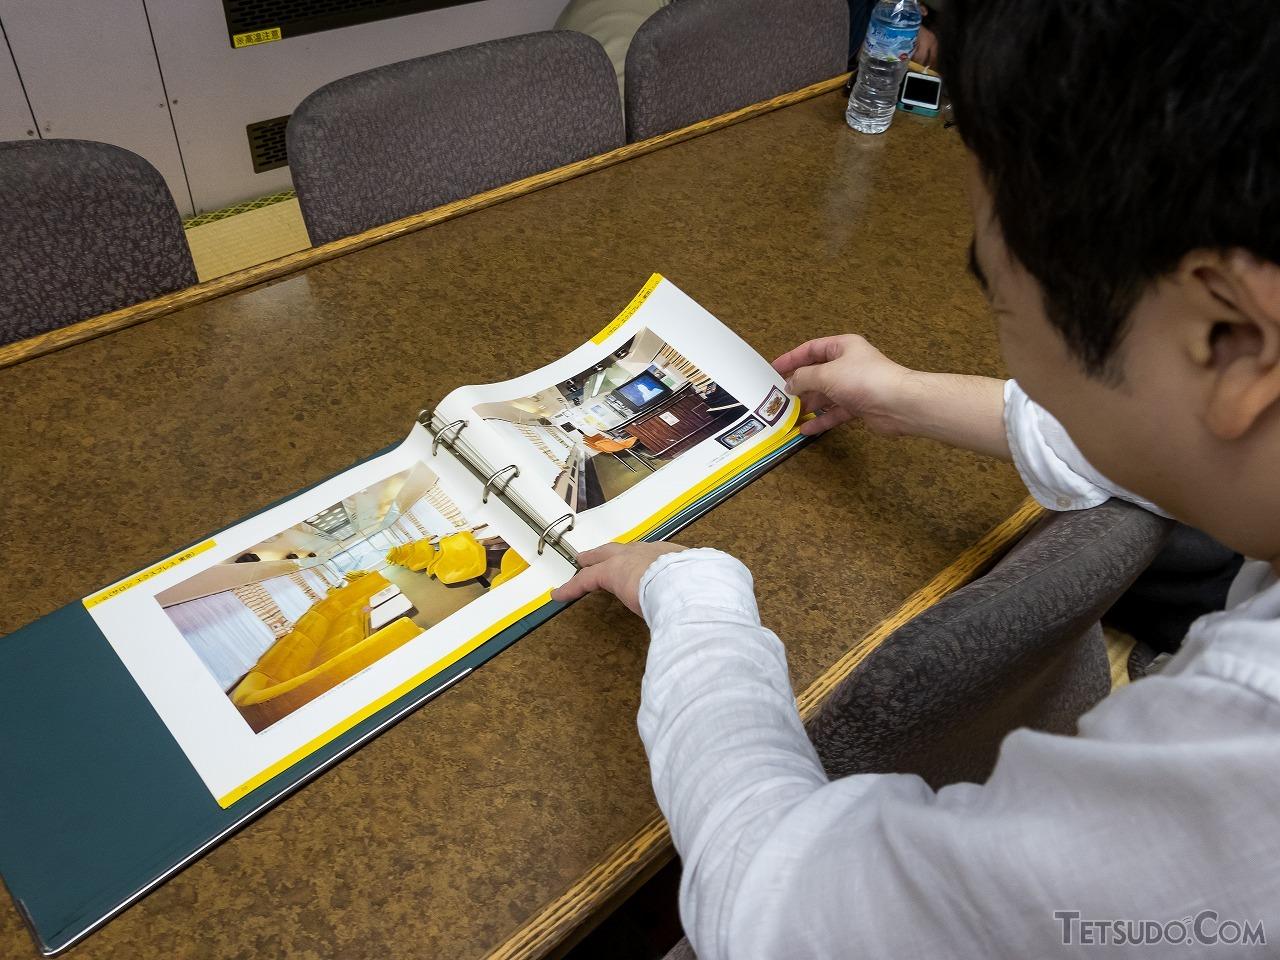 フリースペースの1号車には、大塚氏の私物であるJRジョイフルトレインカタログも。JR発足直後に制作されたもので、「サロンエクスプレス東京」など懐かしい車両がいっぱい